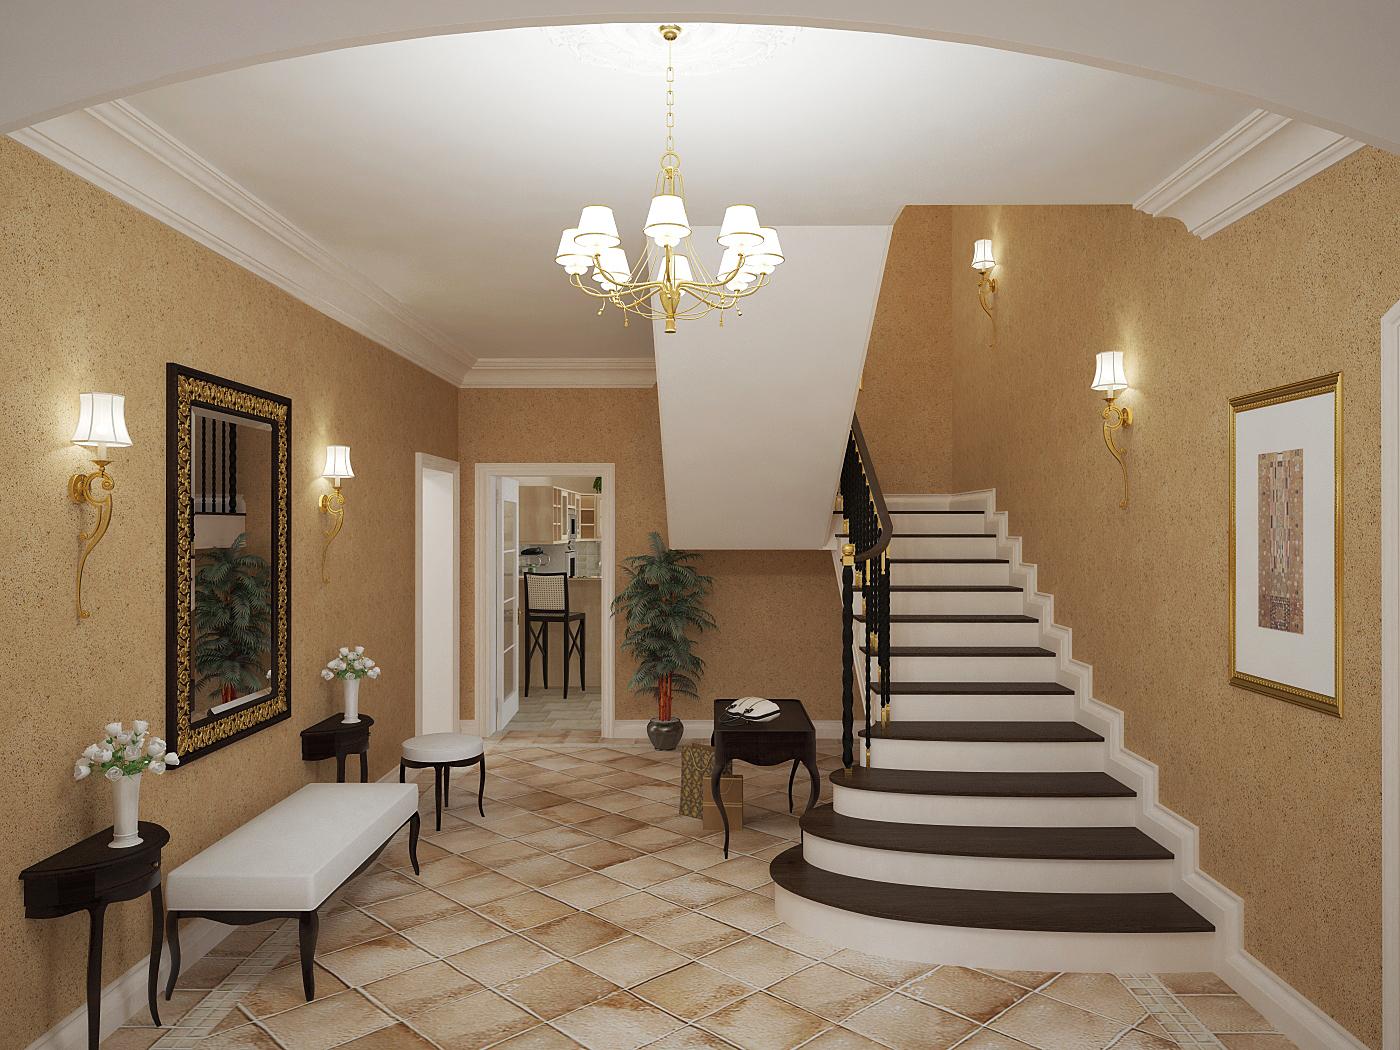 Дизайн дома внутри фото